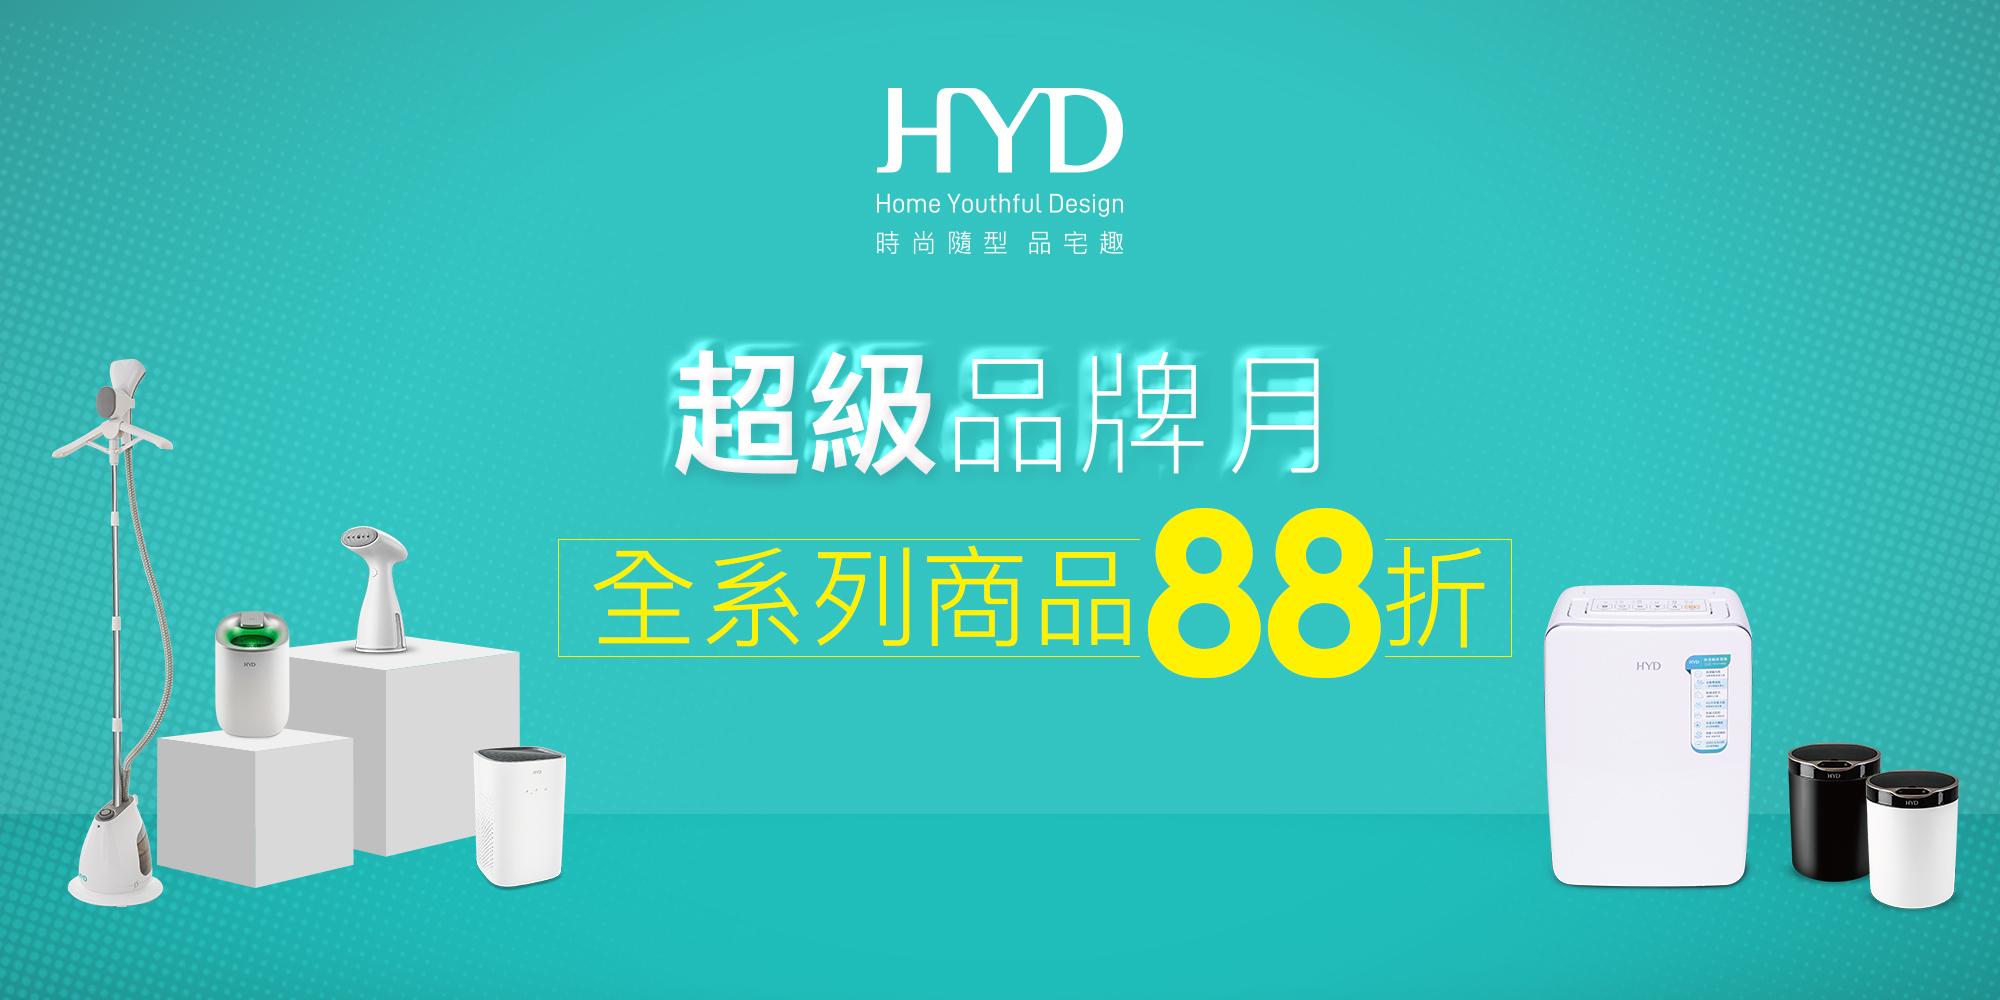 HYD,感應垃圾桶,小綠光除溼機,掛燙機,空氣清淨機,除溼輪除濕機